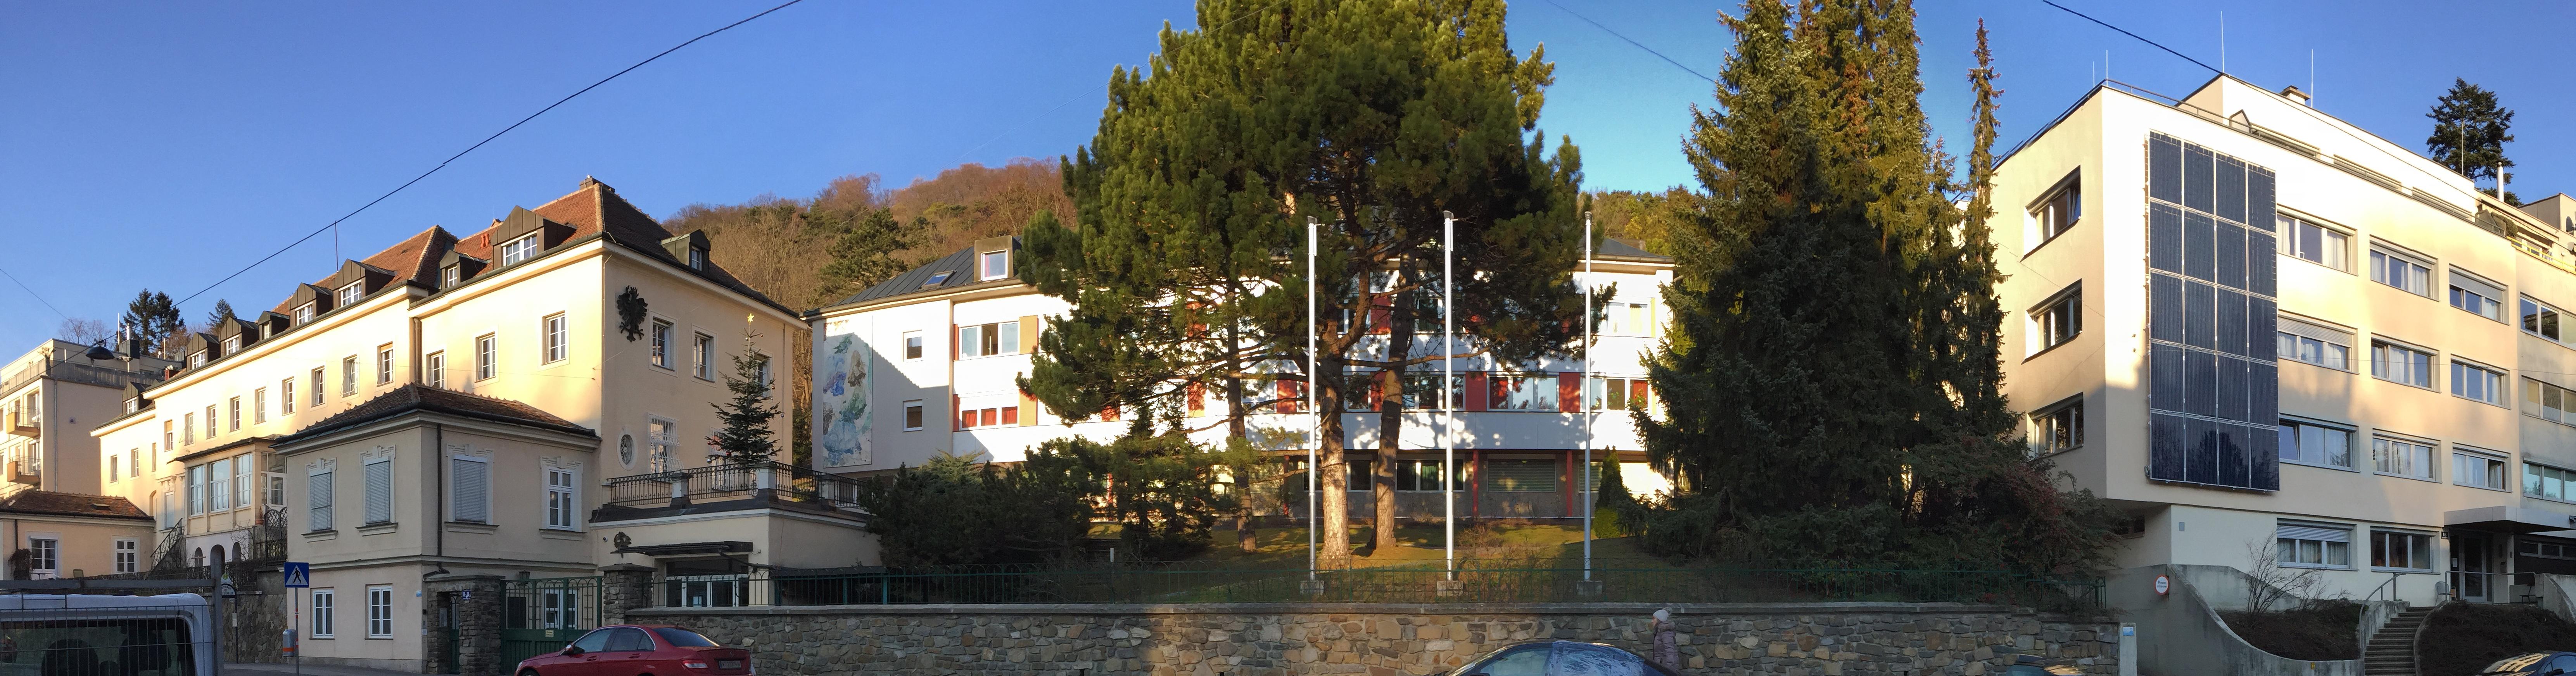 Tirolerheim Panorama